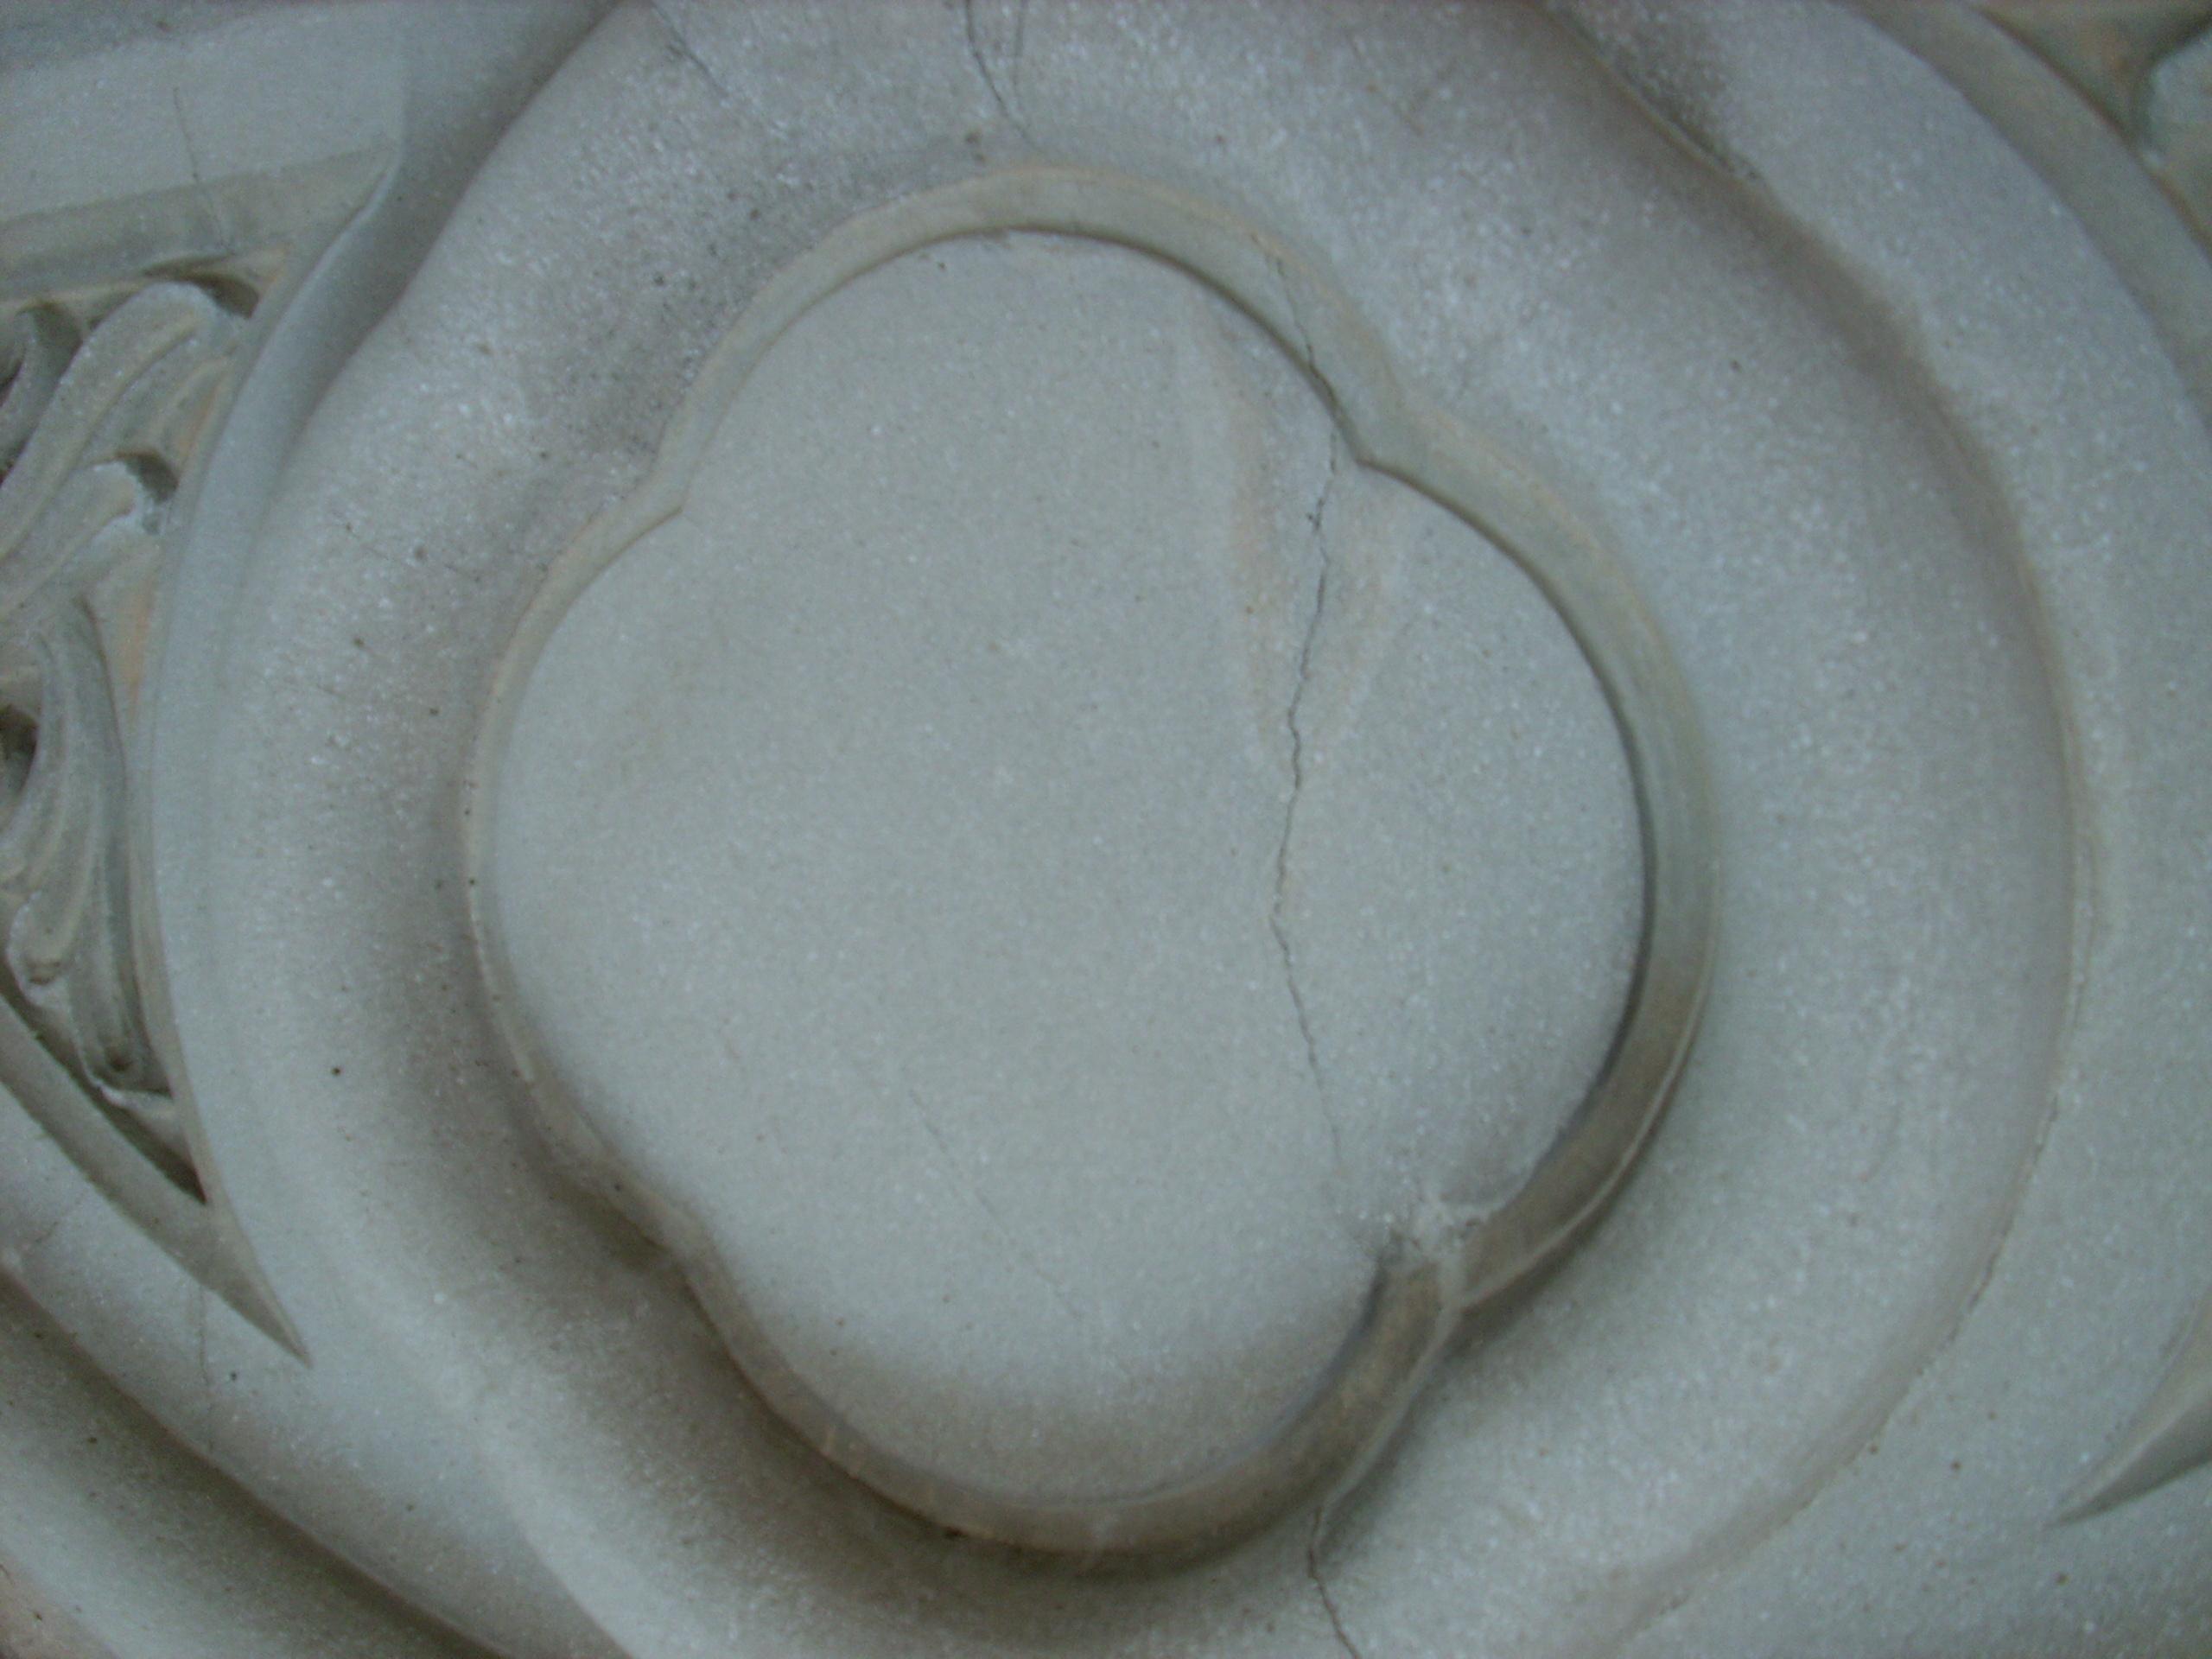 Aplicarea tratamentelor de impermeabilizare - Monument funerar UNICO PROFIT - Poza 2